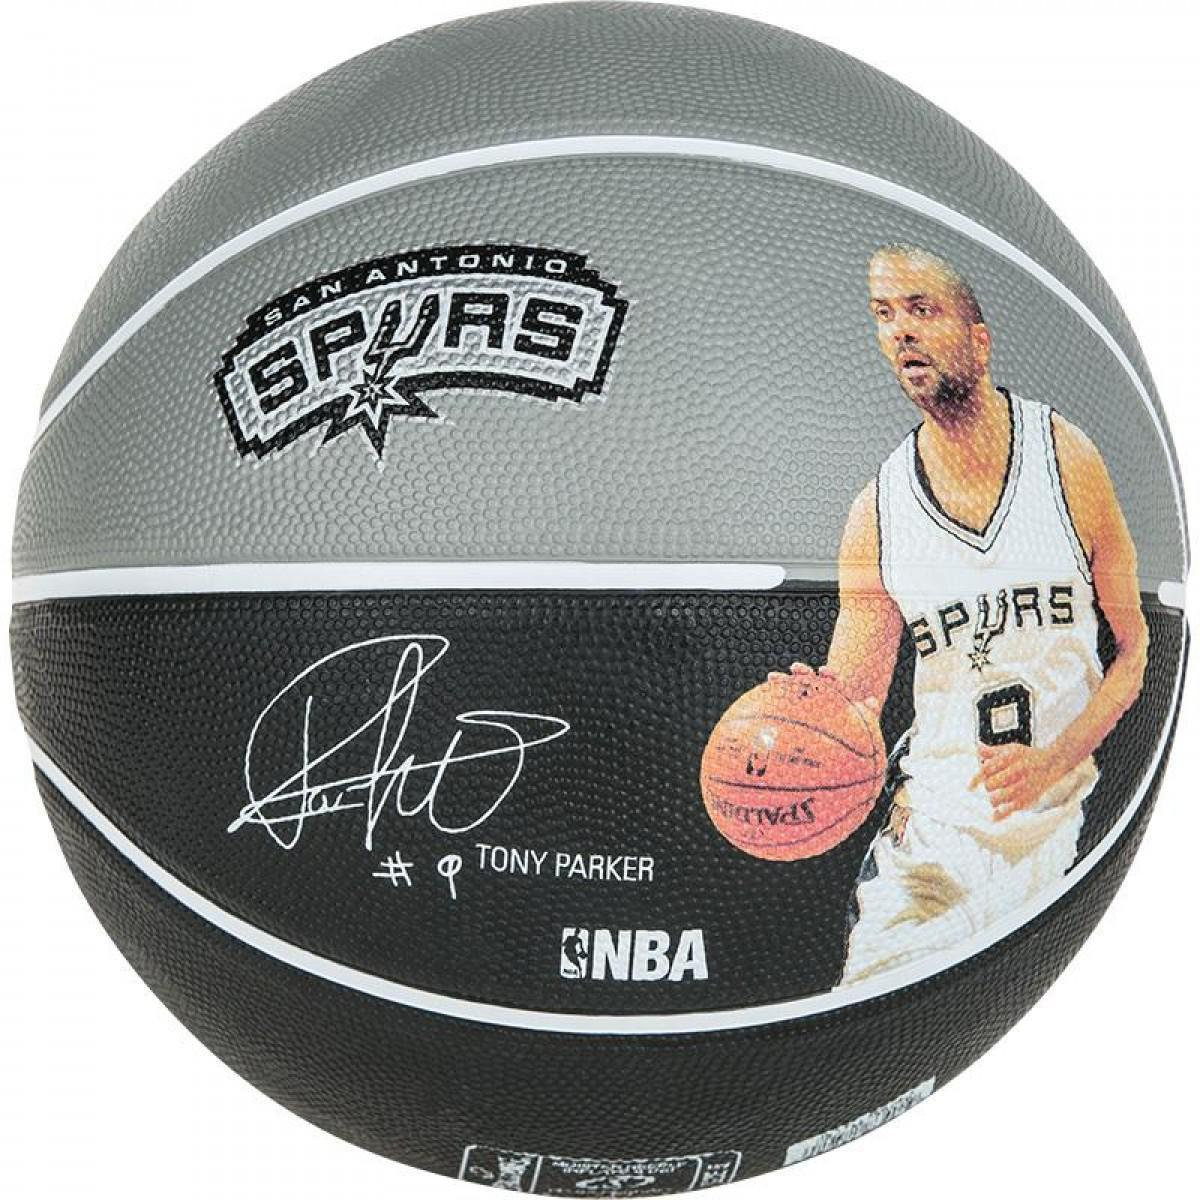 Мяч баскетбольный Spalding NBA Player Tony Parker Size 7